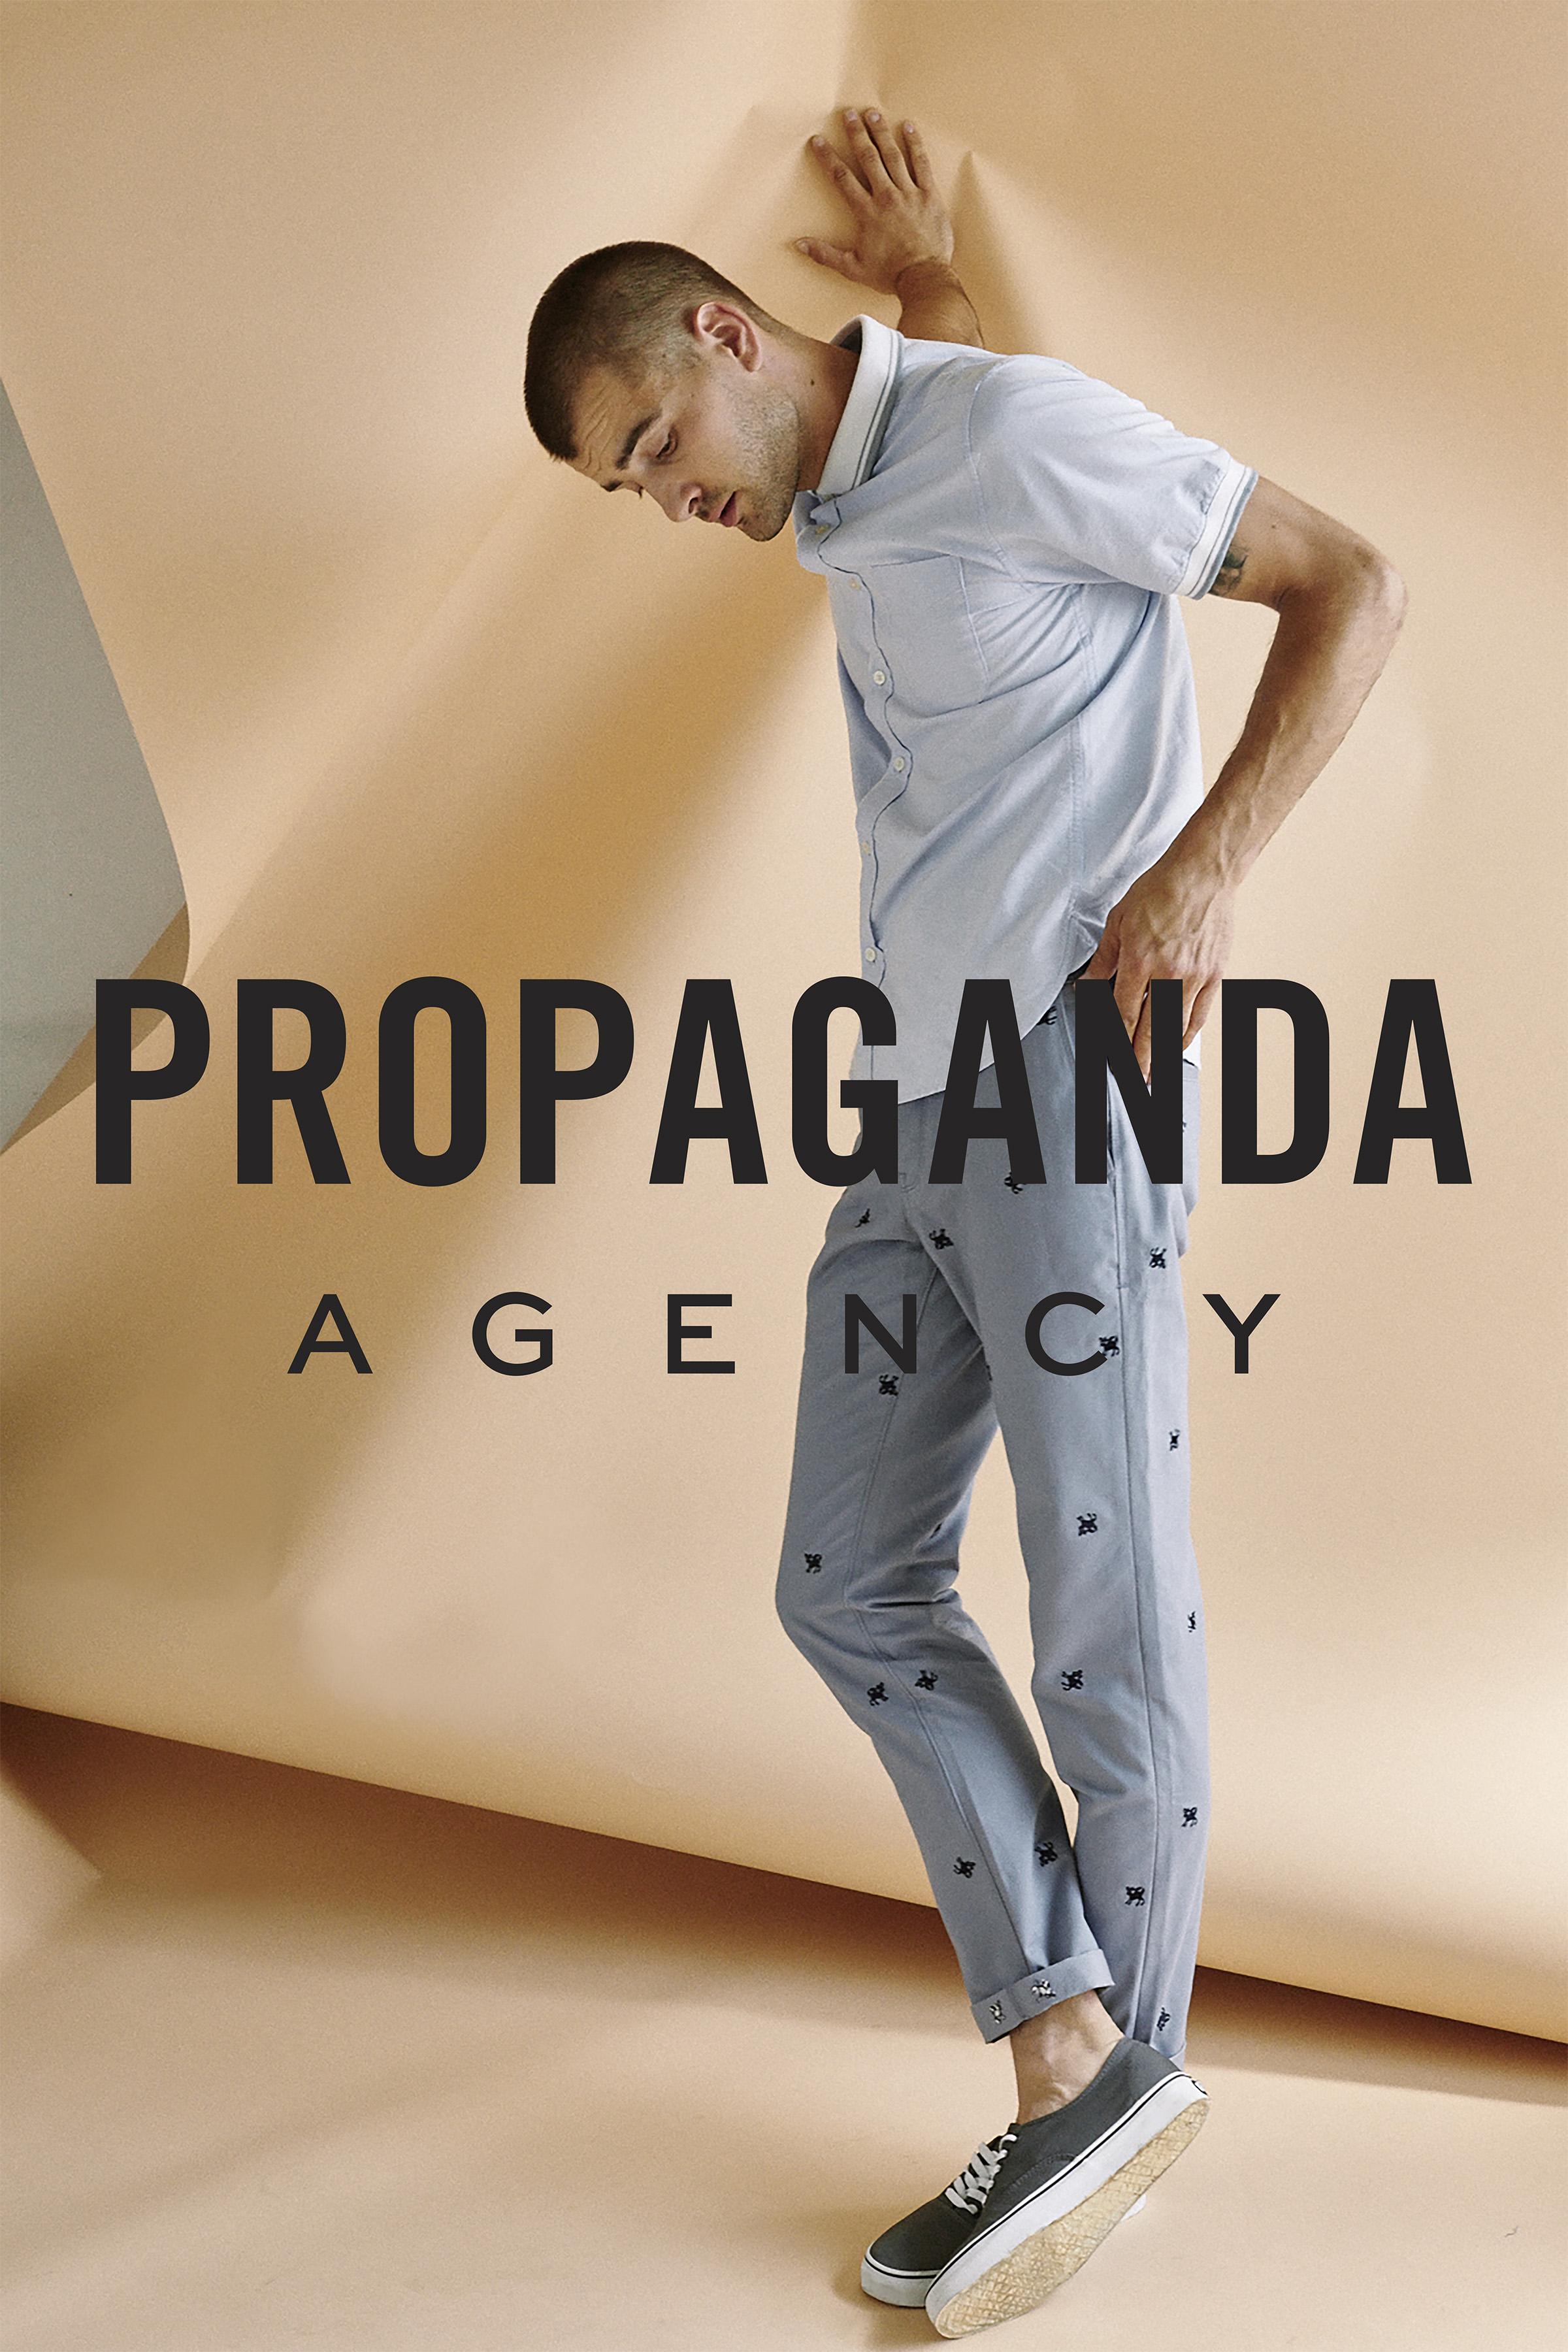 18_8_12_S_S_19_Propaganda21445_RT_Logo_FULL.jpg